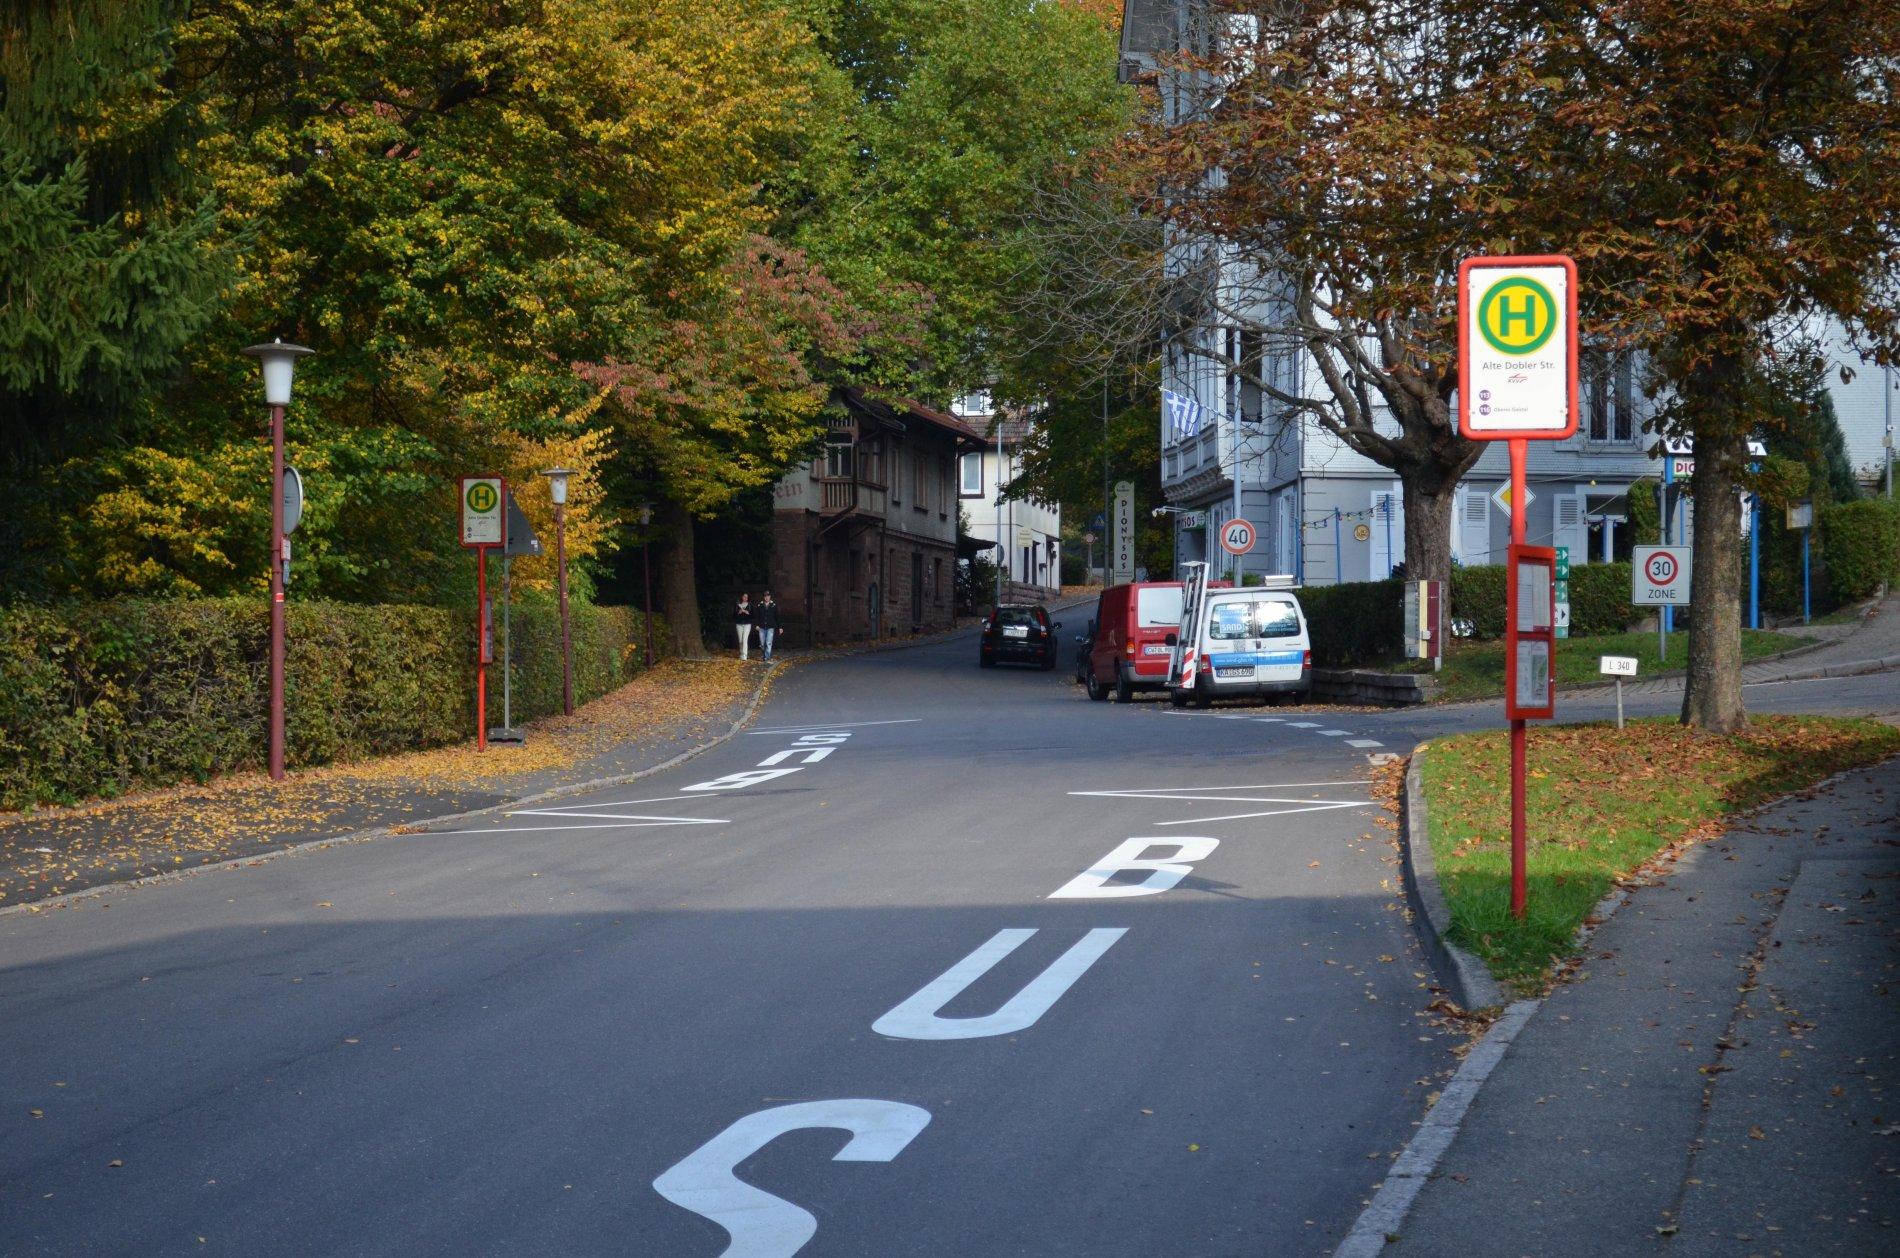 Haltestelle Alte Dobler Straße